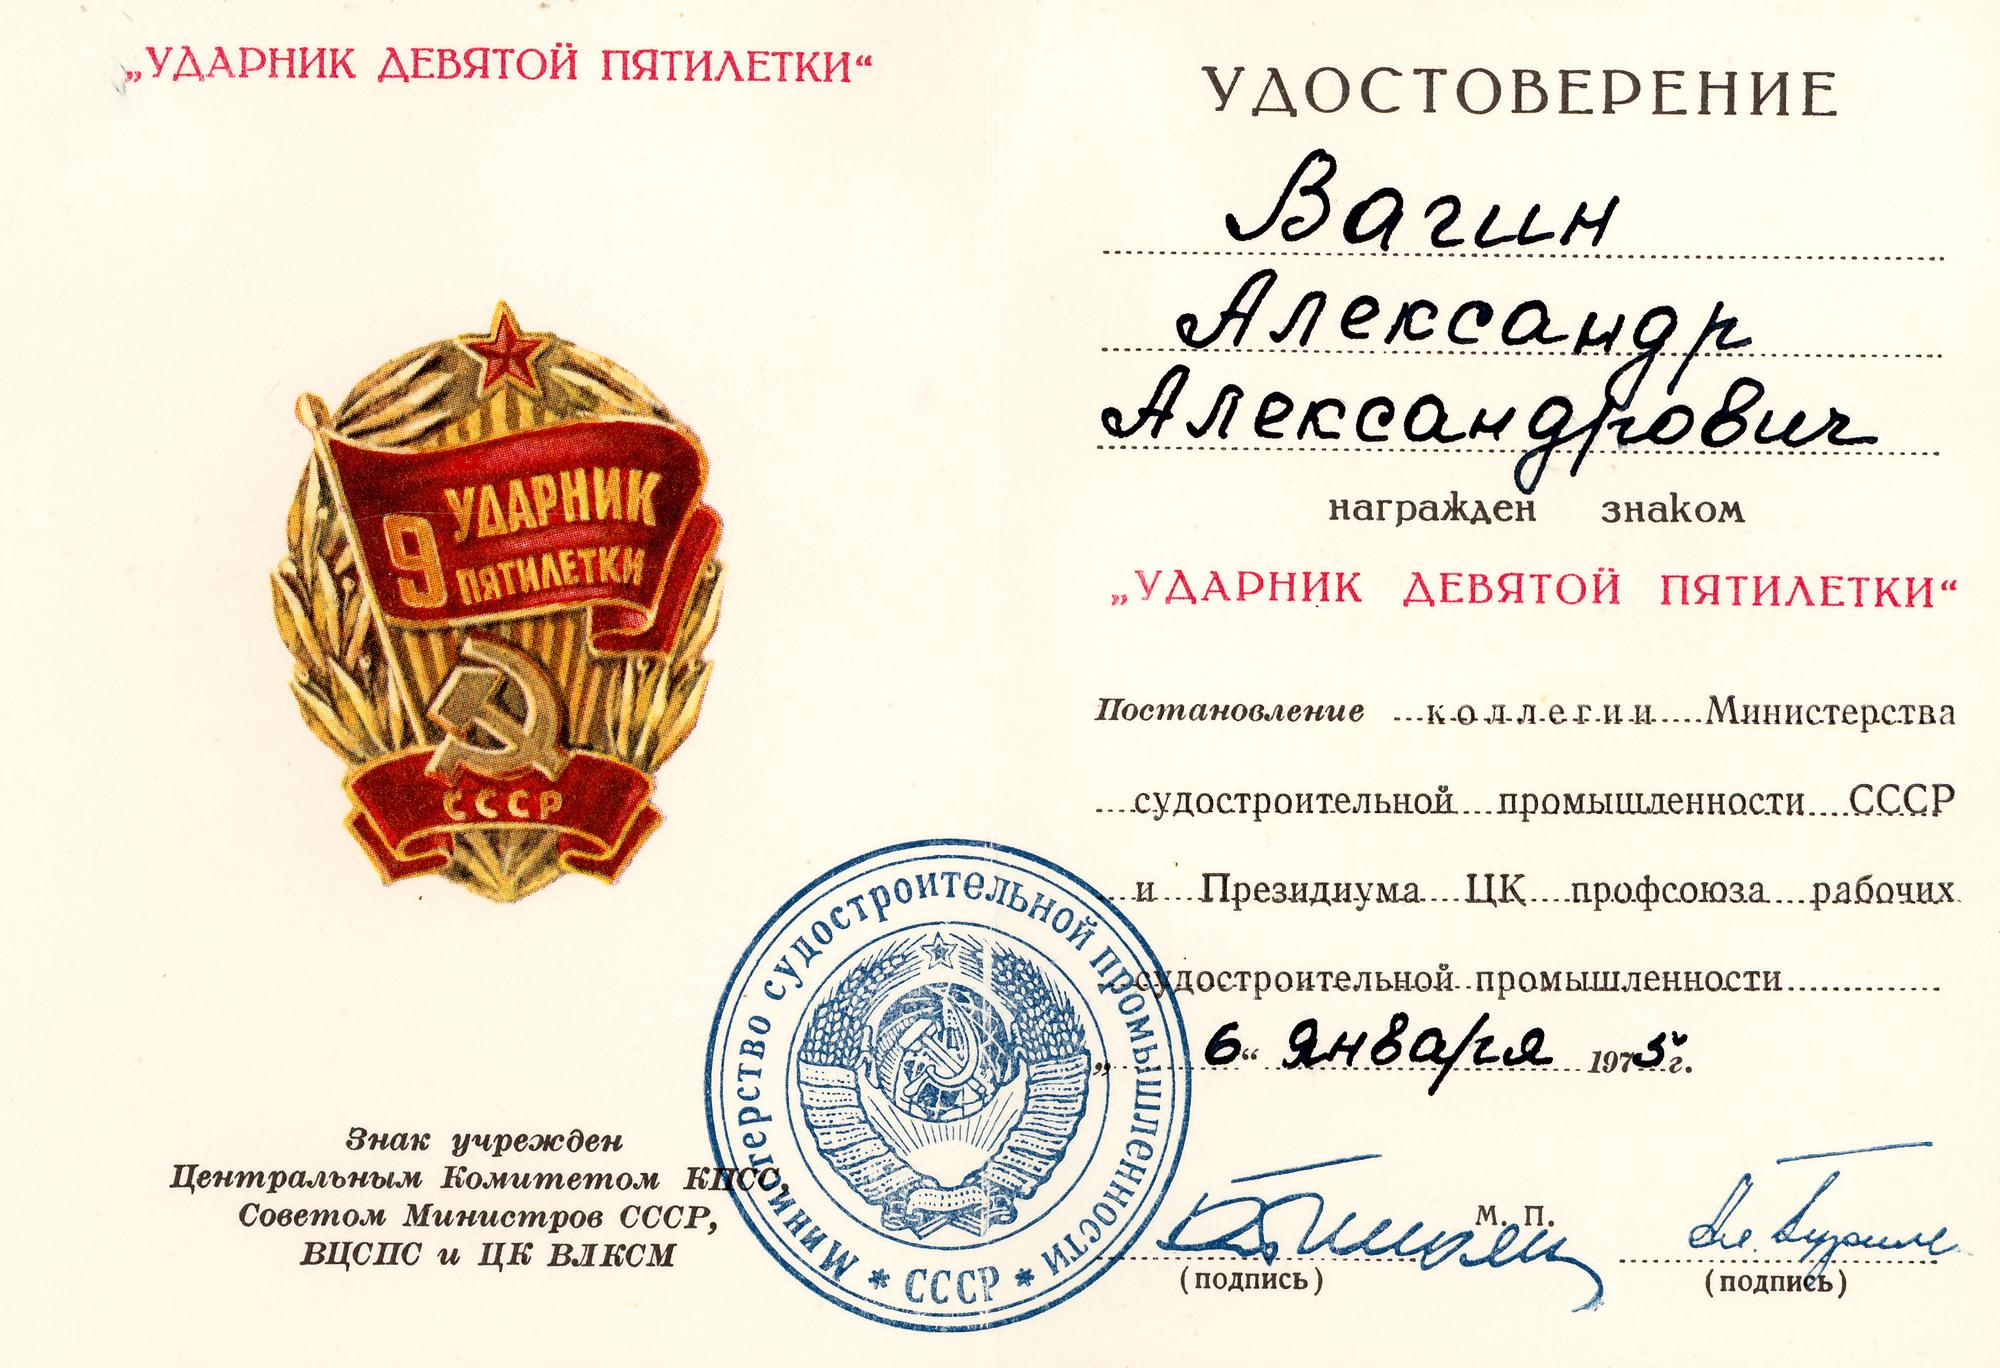 министерство и цк профсоюзов по награждению знаком